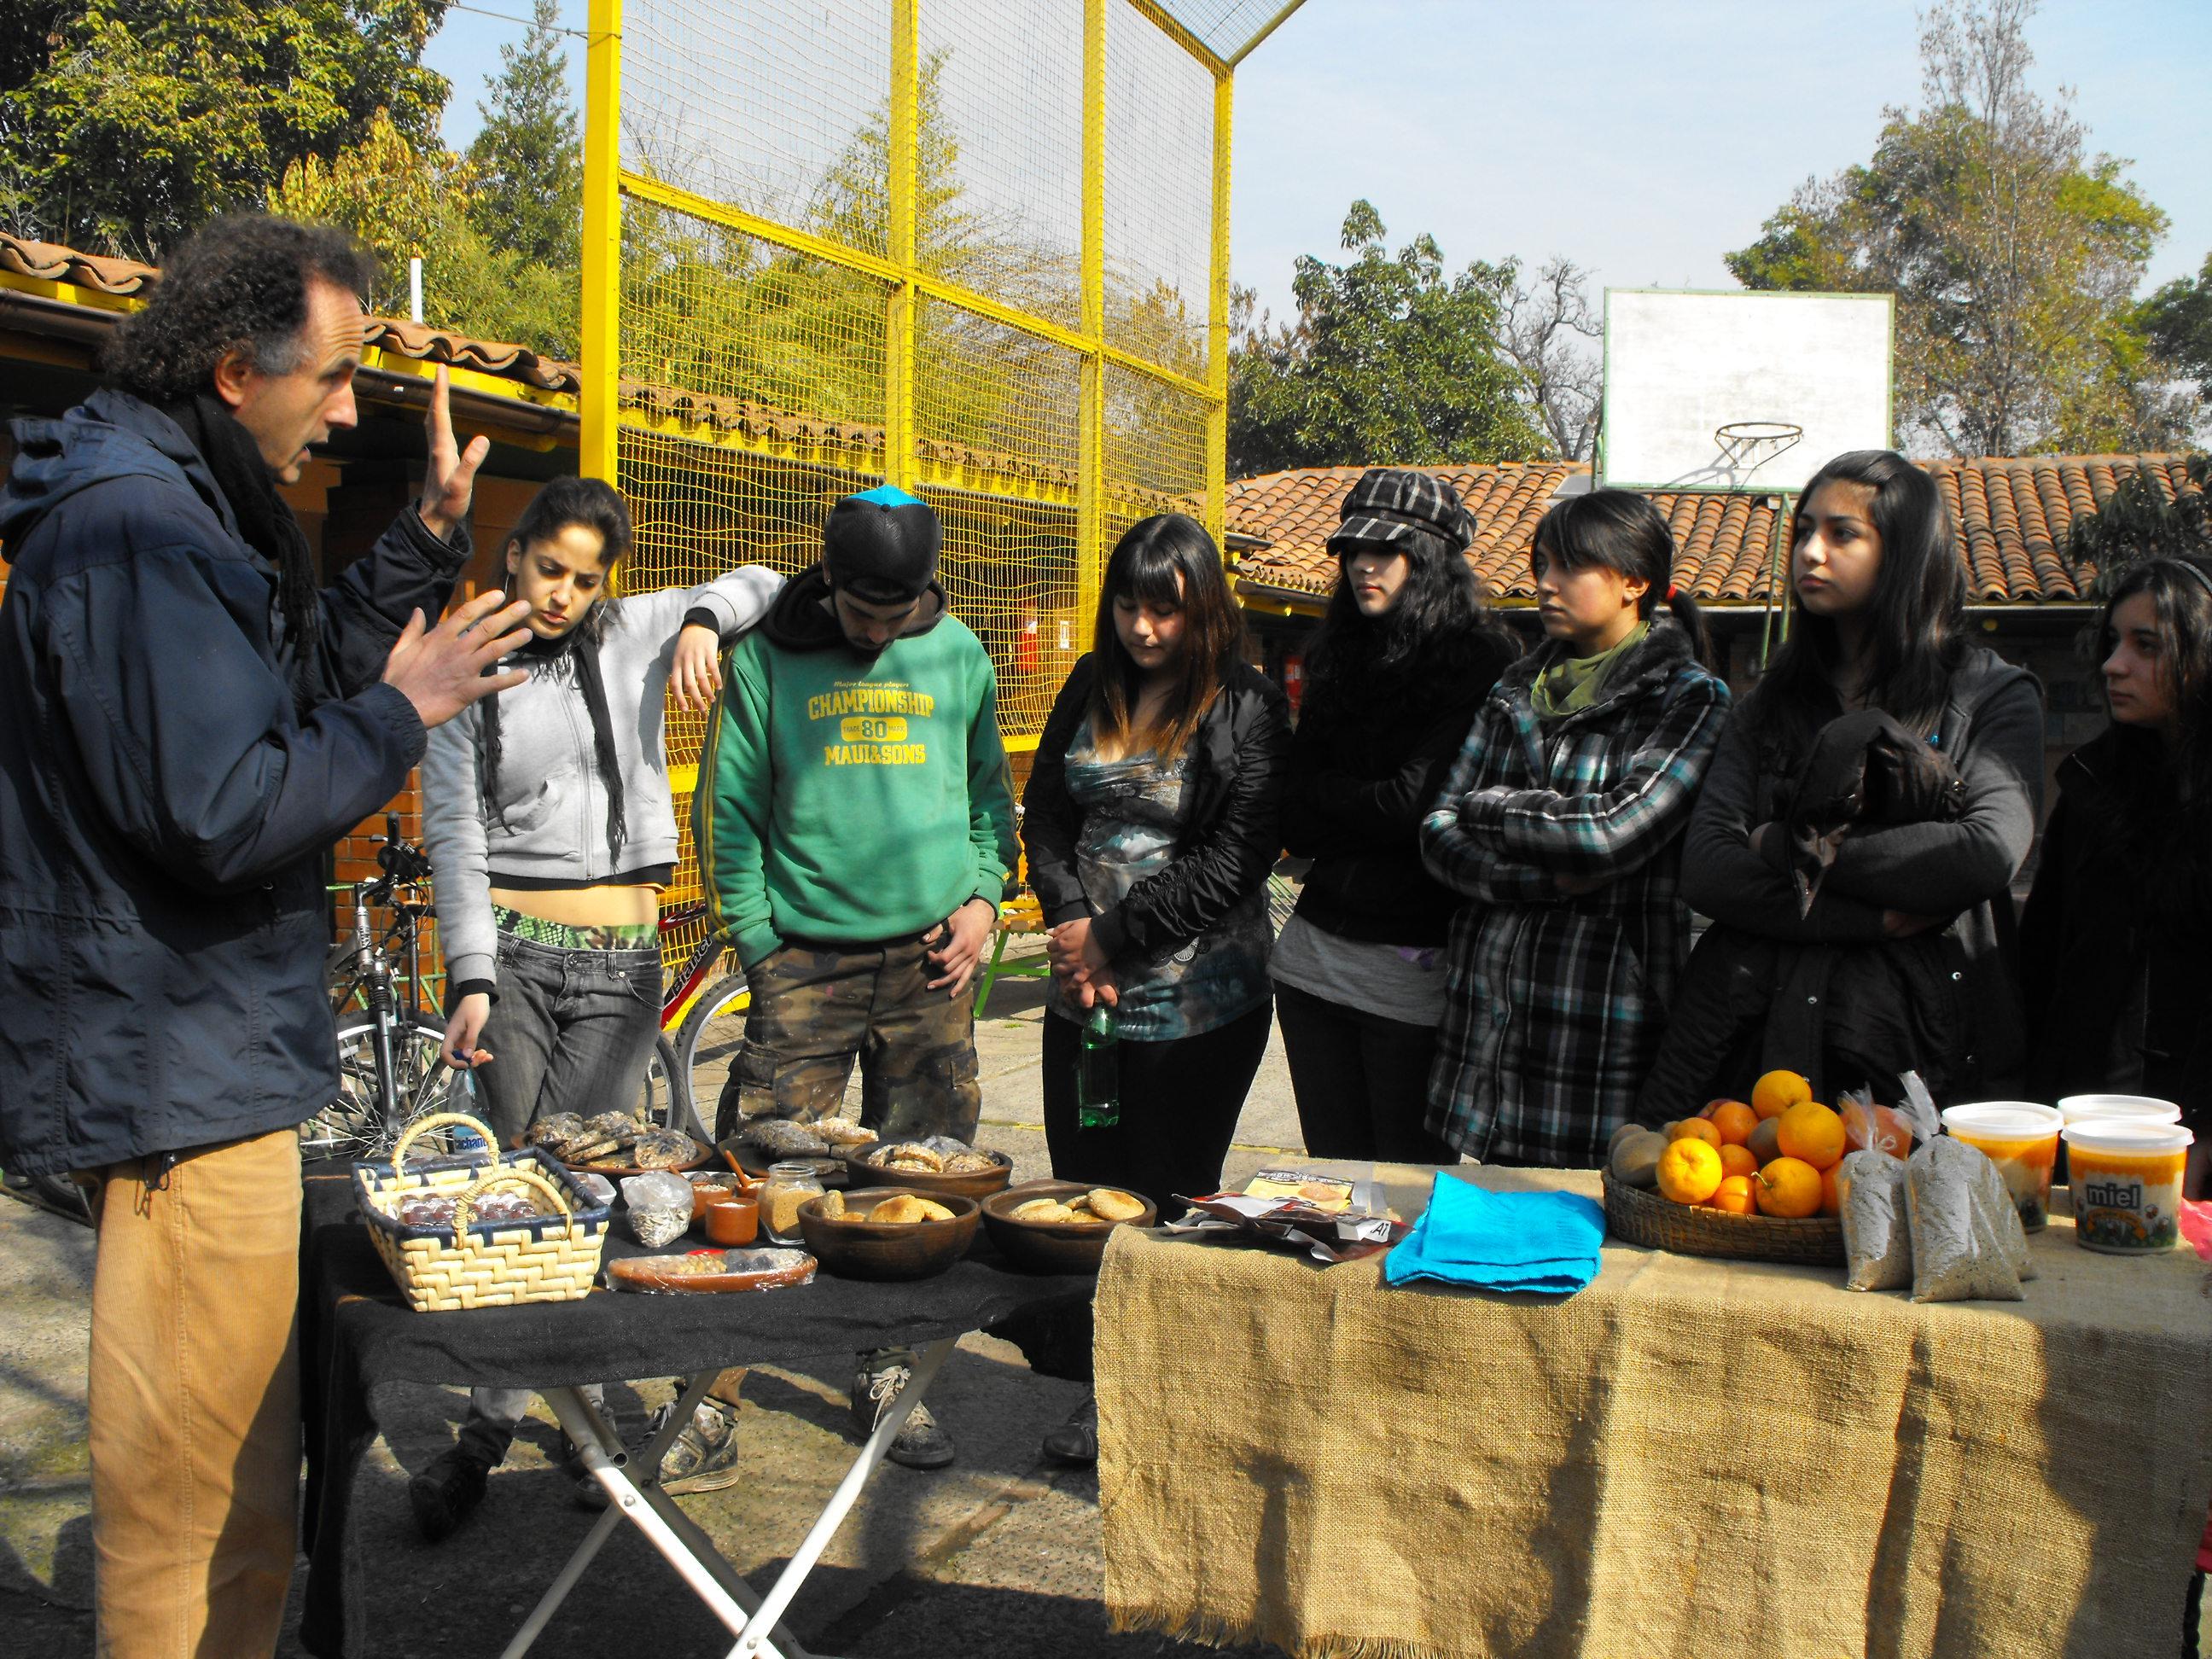 Kiosco Educativo Saludable Día de La Miel 2009 Rubén Darío b